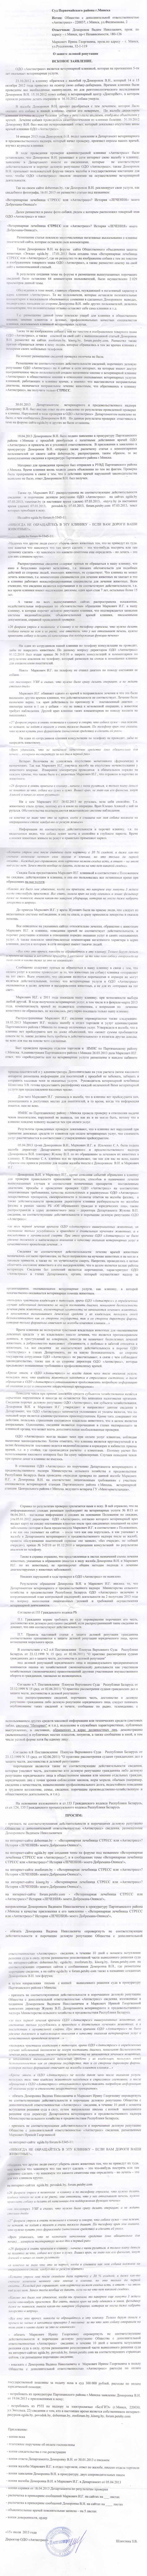 дополнение искового заявления ответы на вопросы арбитражного суда